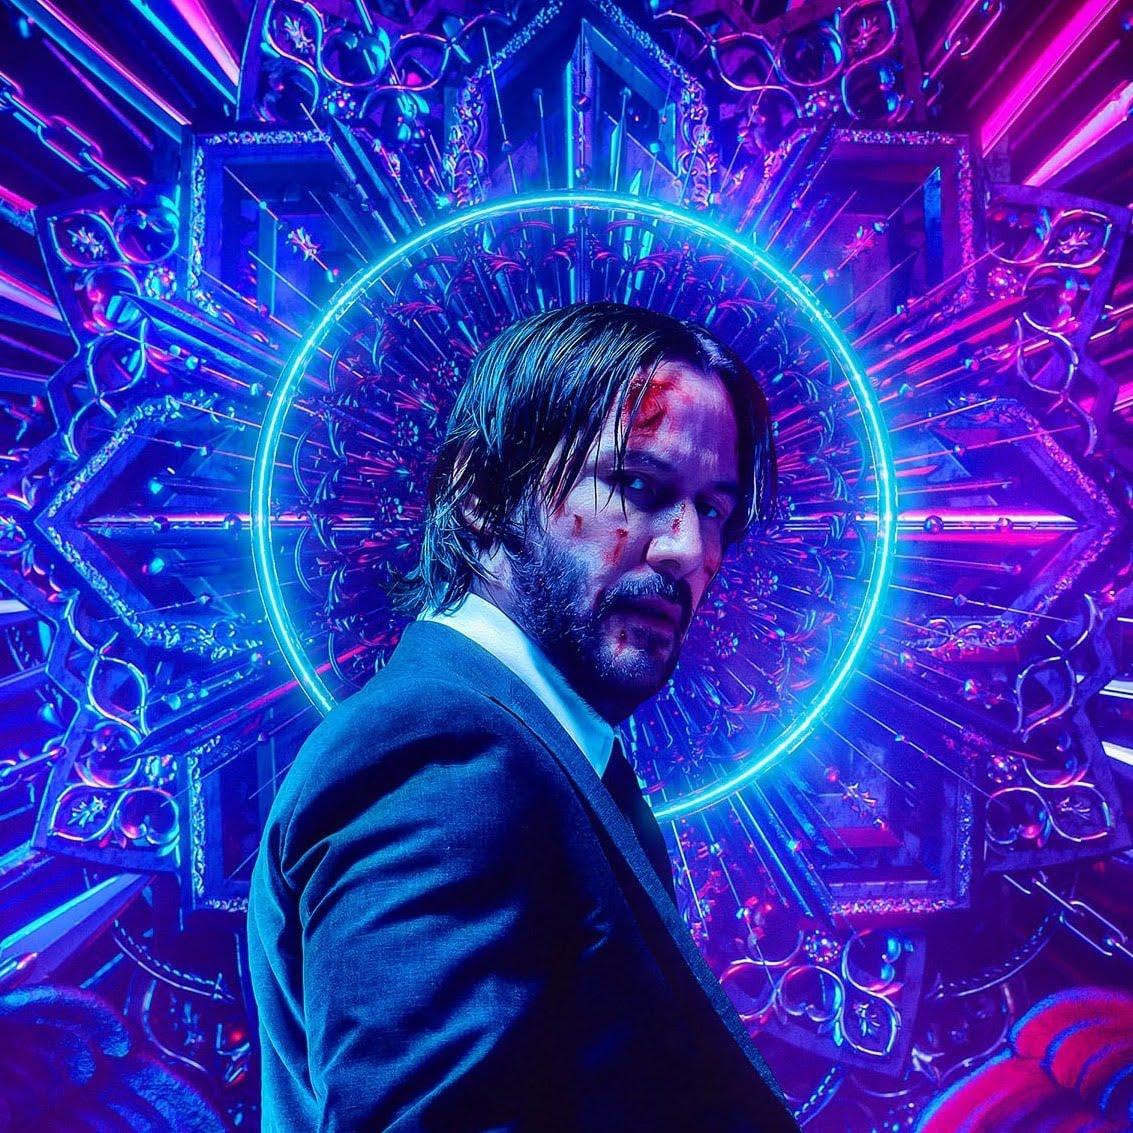 John Wick : キアヌ・リーブス主演の過激アクション映画のクライマックス「ジョン・ウィック 3 : パラベラム」が、ユニークなアート・ポスターをリリース ! !